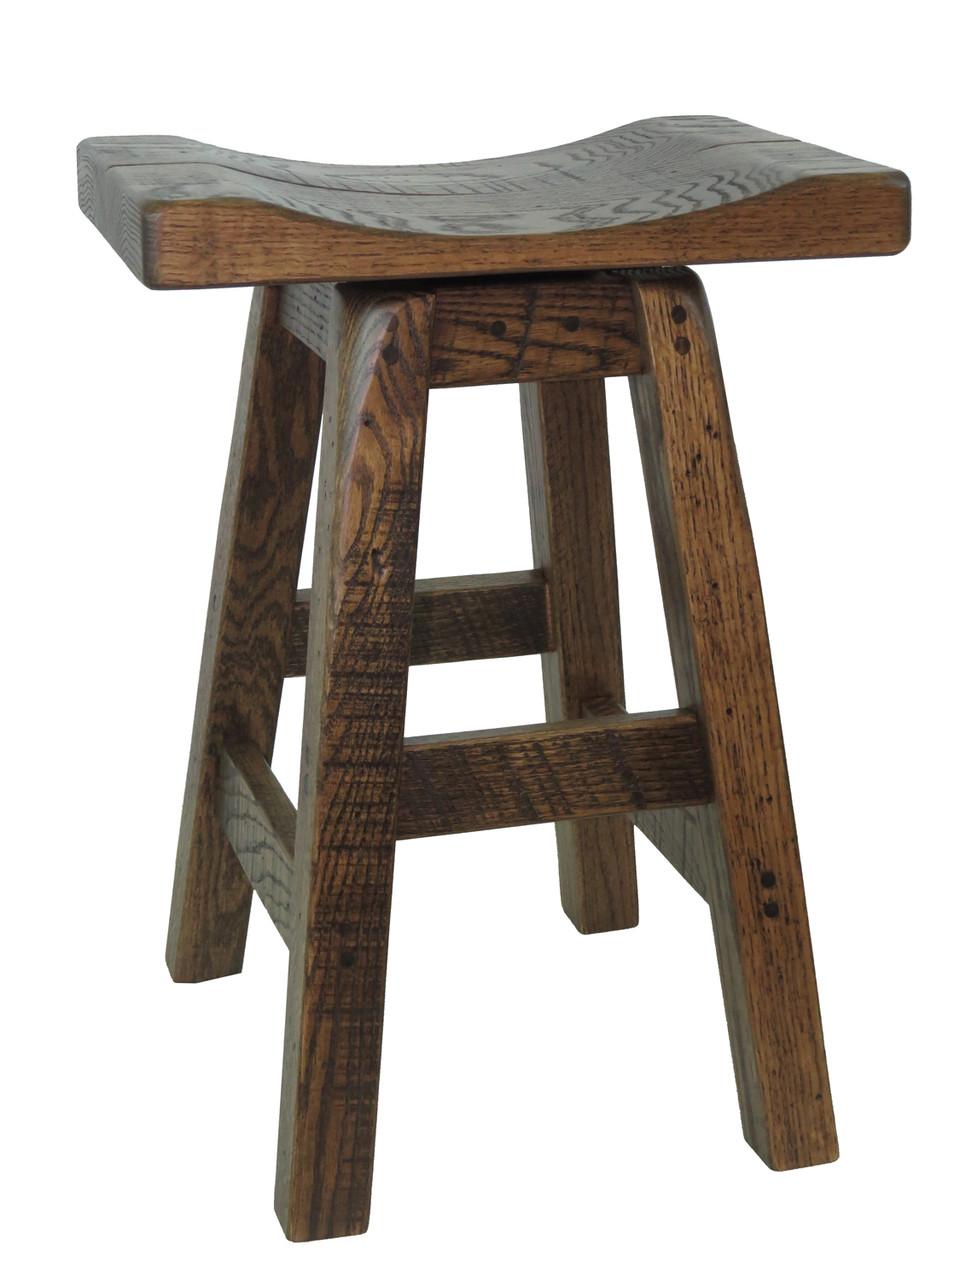 Swivel Barnwood Bar Stools 24 Quot Saddle Seat